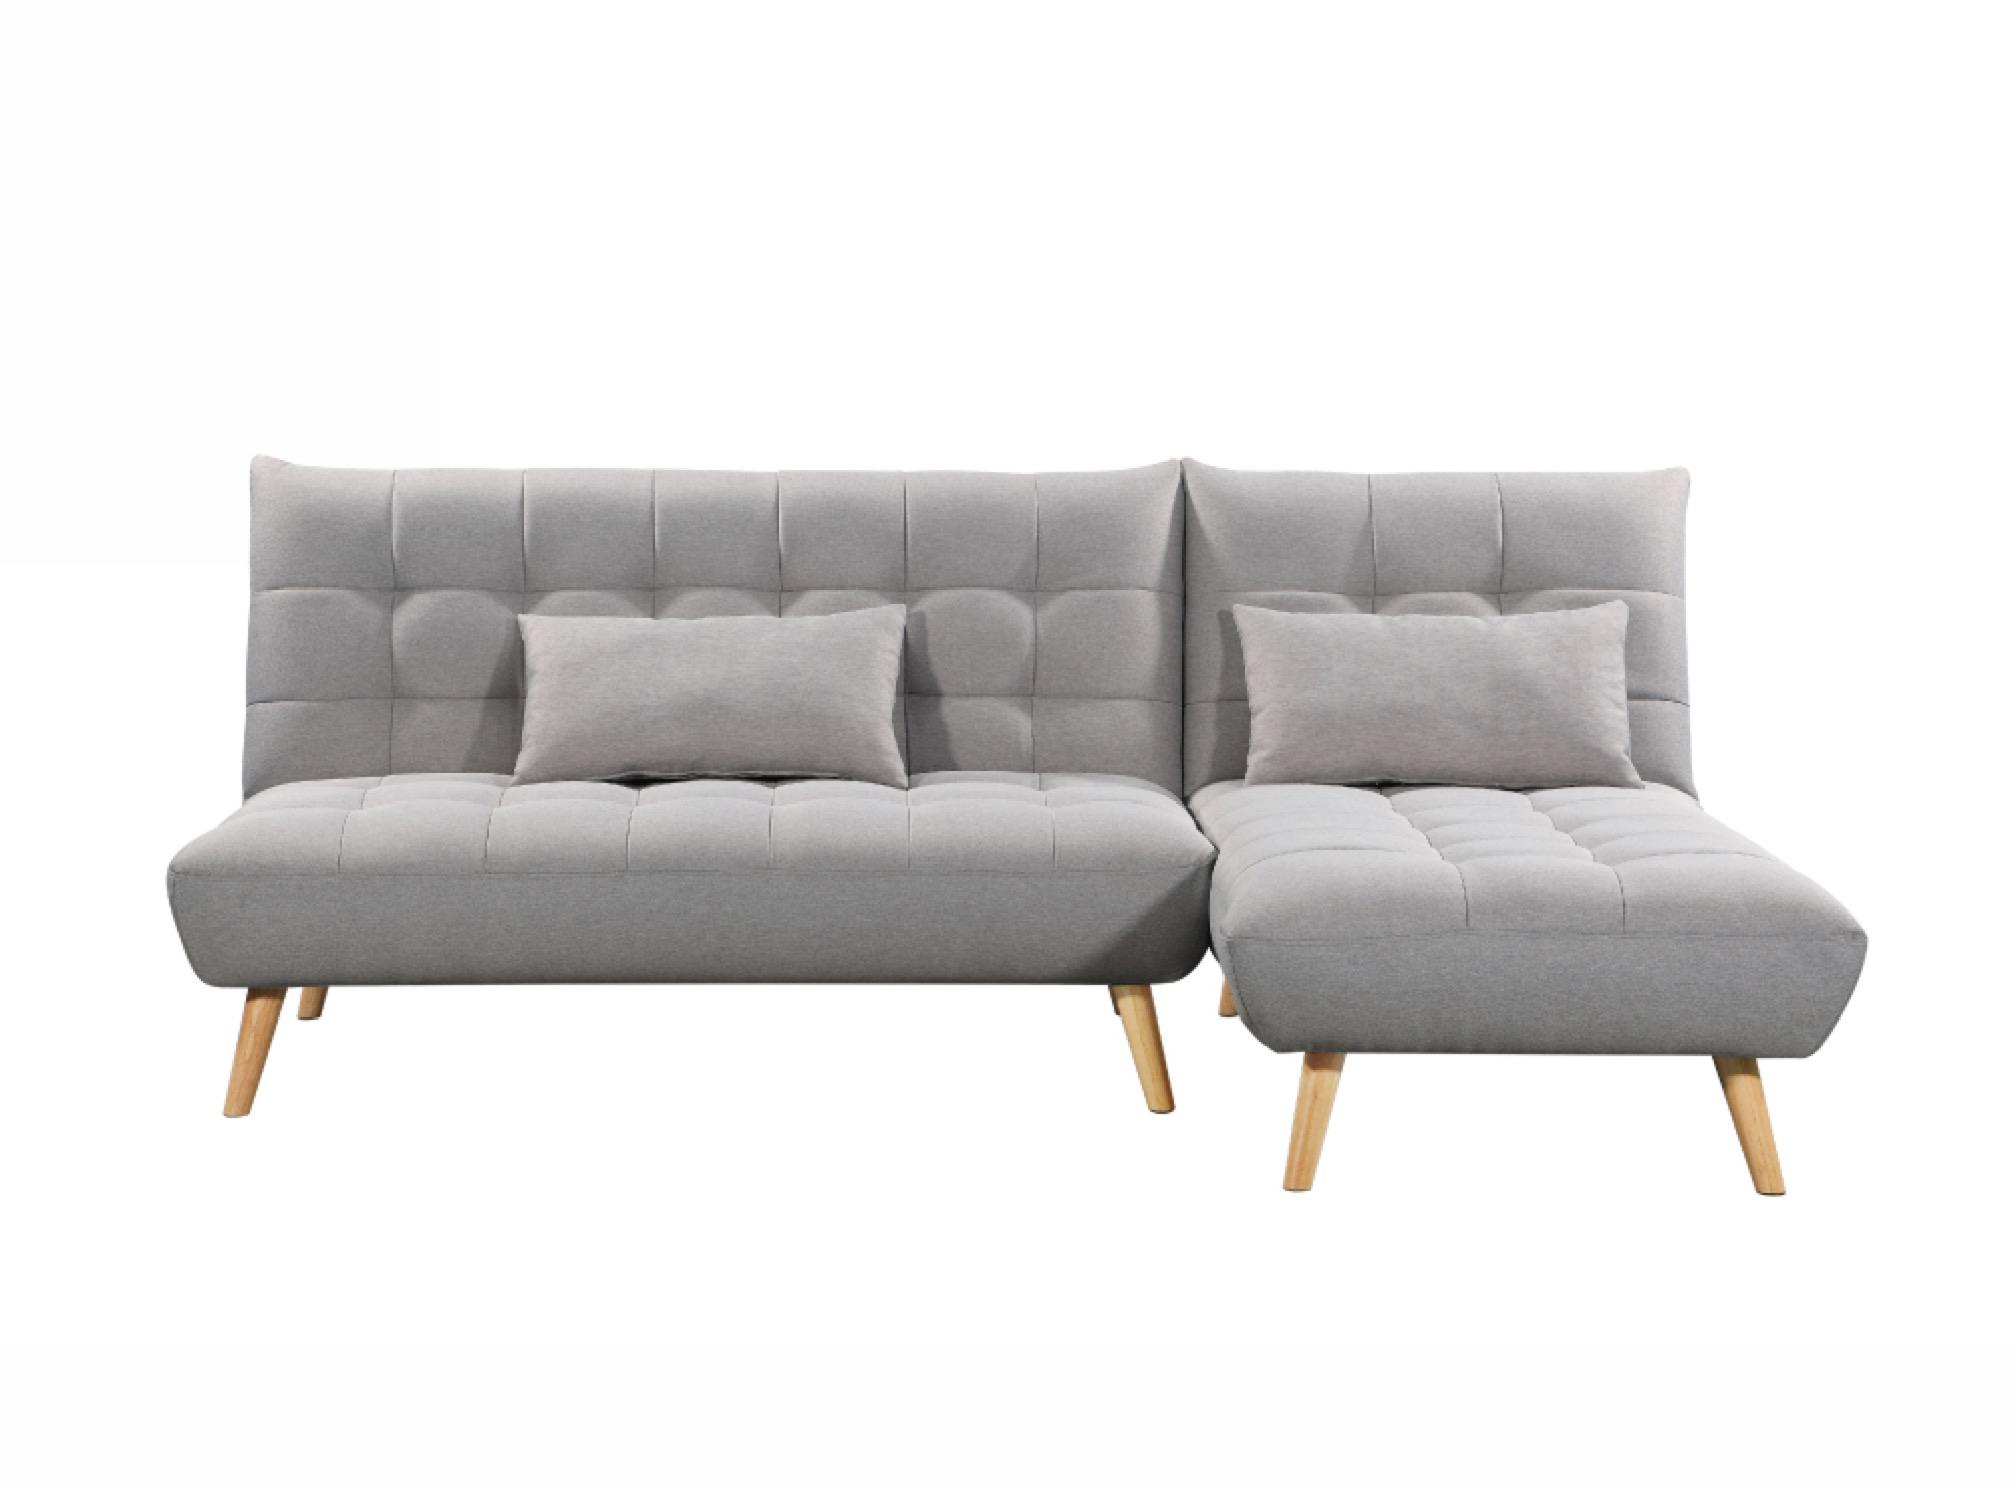 Canapé d'angle gris clair réversible et convertible